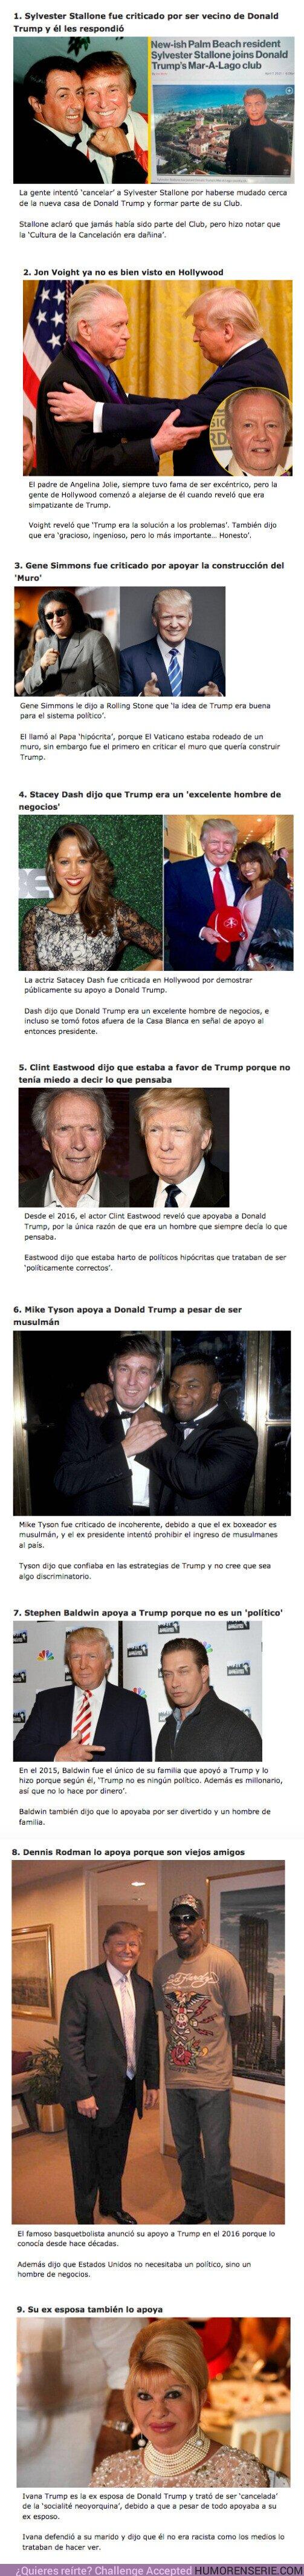 71062 - GALERÍA: 9 Famosos que trataron de ser CANCELADOS por ser amigos de Donald Trump